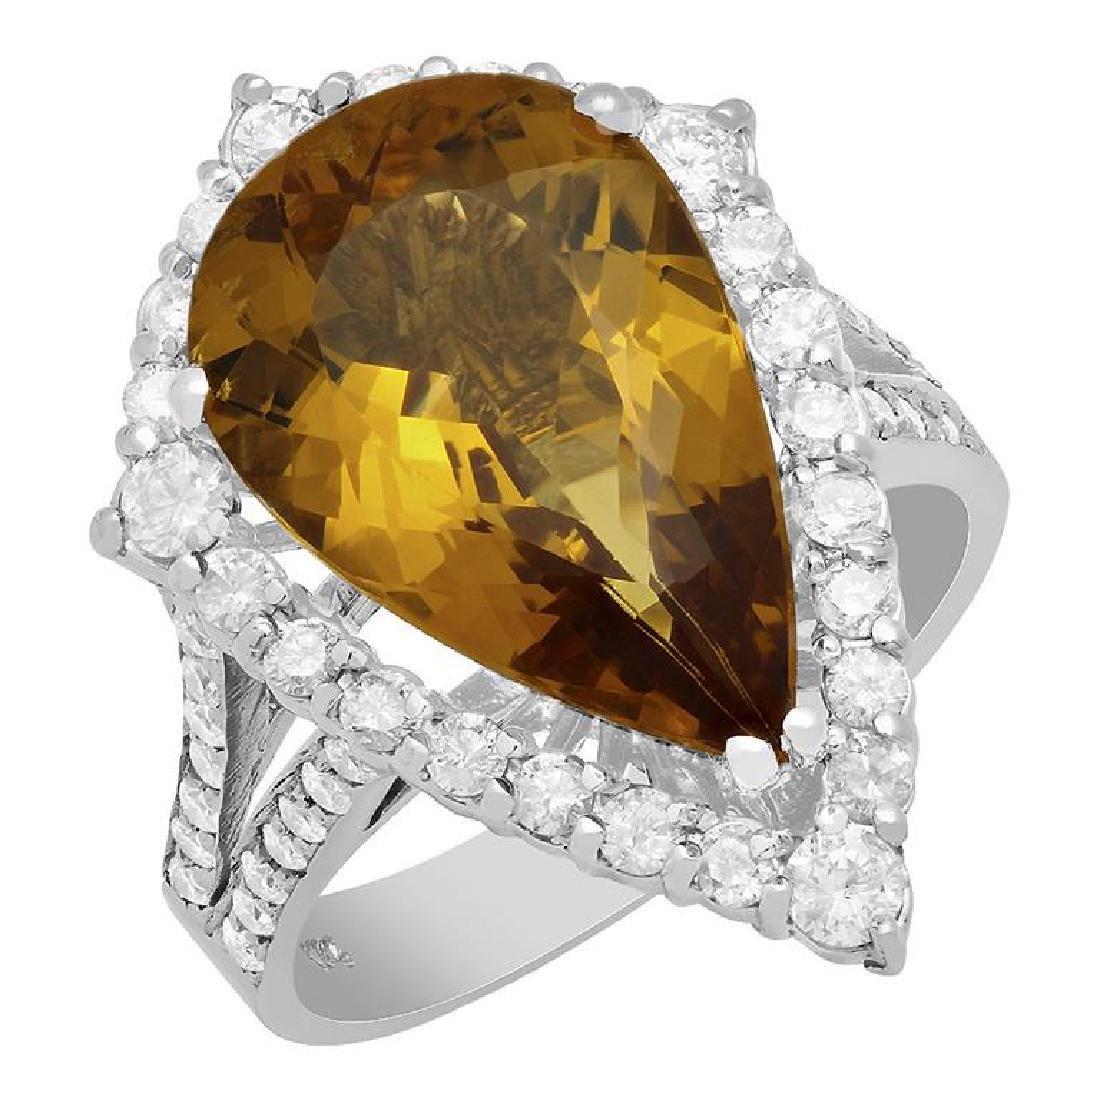 14k White Gold 5.61ct Yellow Beryl 1.12ct Diamond Ring